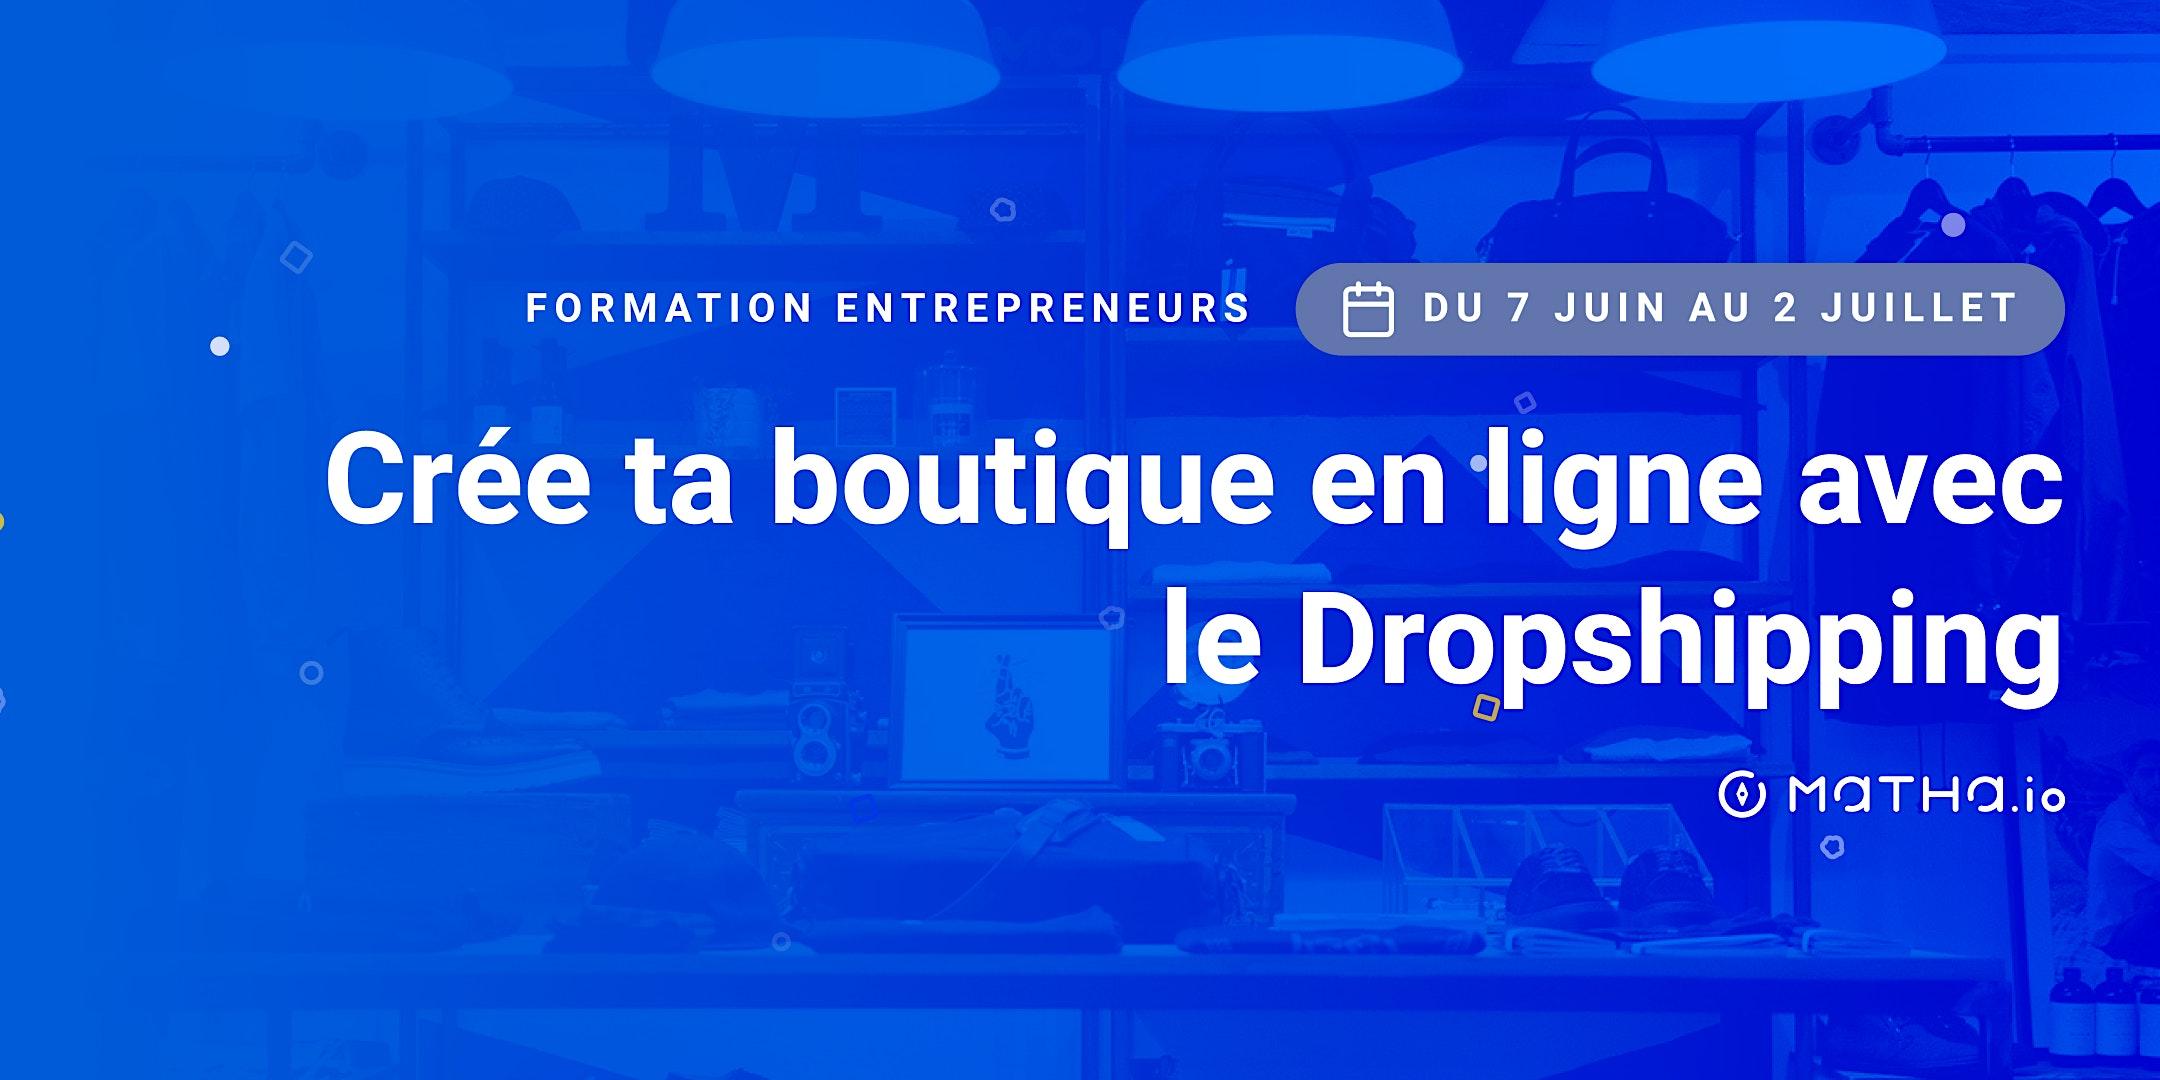 [FORMATION] Shopify : Créez votre boutique rentable en Dropshipping  (juin)